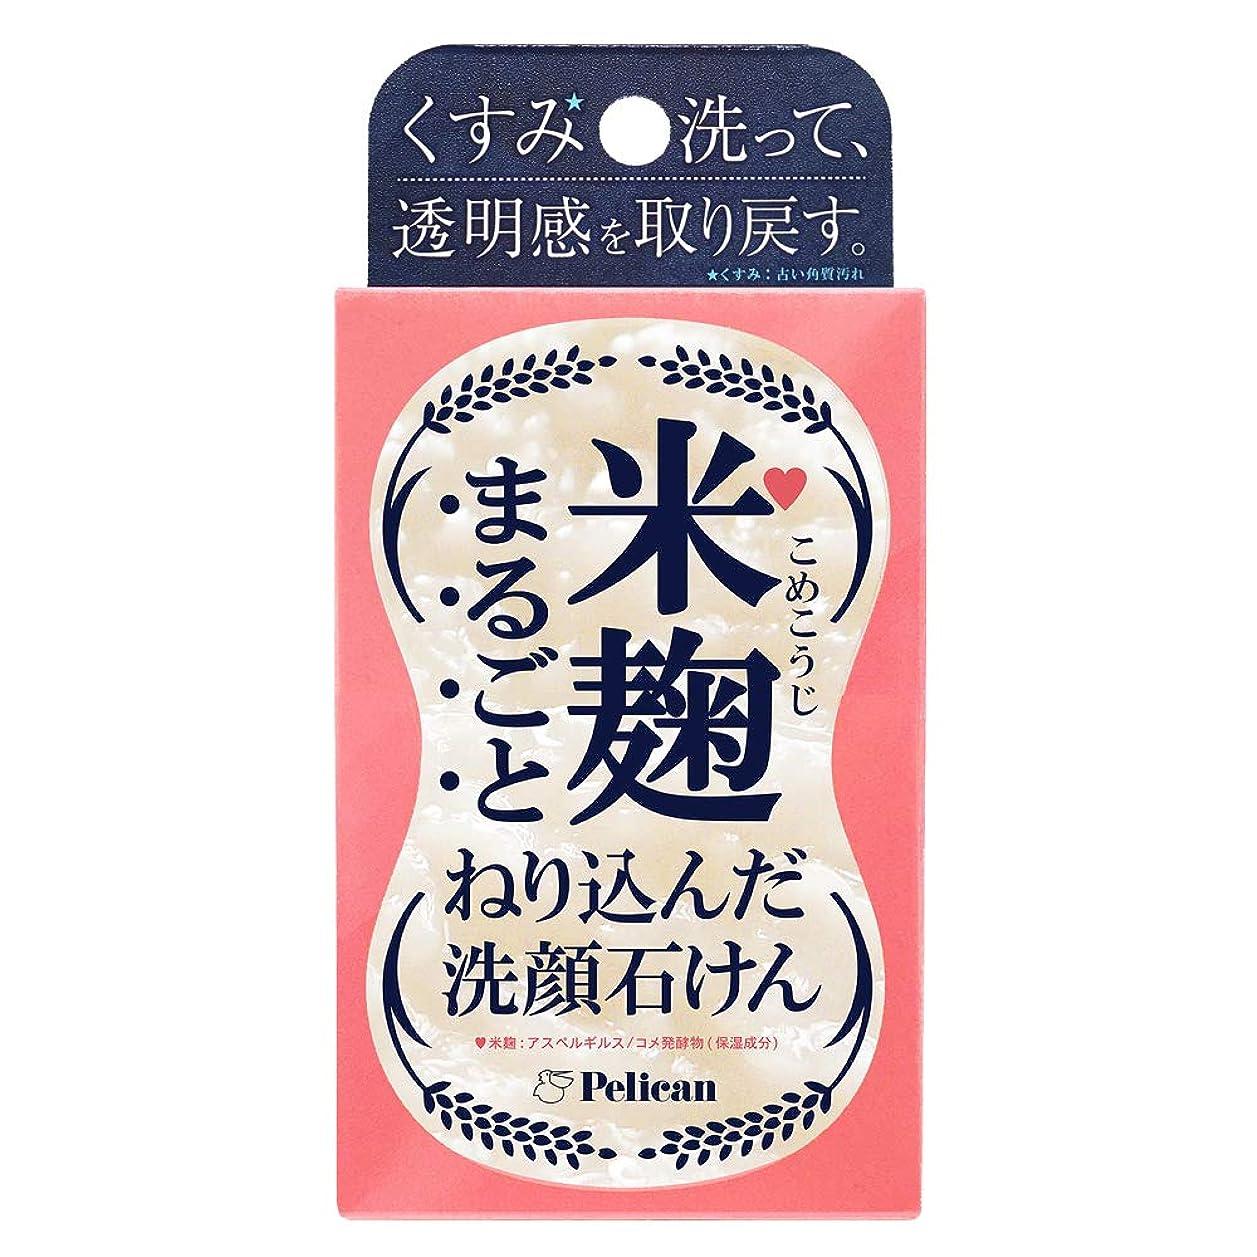 伝統的永遠に出口ペリカン石鹸 米麹まるごとねり込んだ洗顔石けん 75g